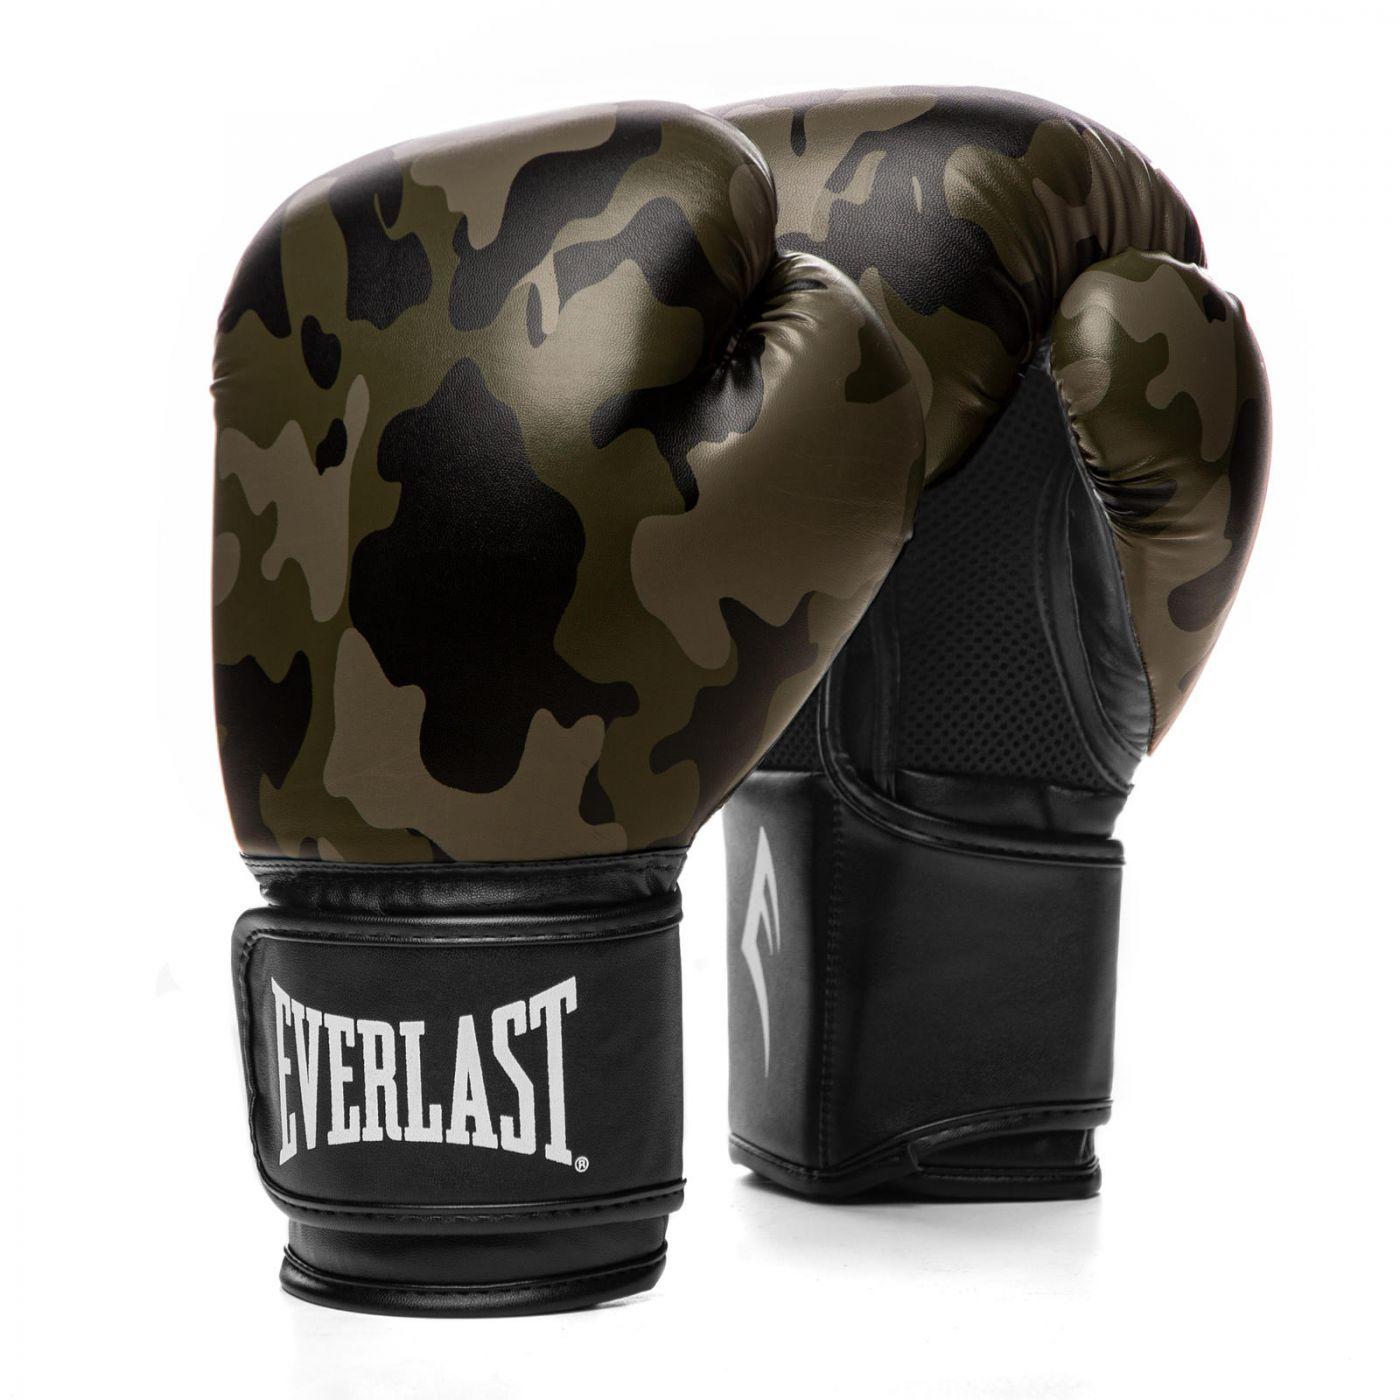 Перчатки тренировочные Everlast  Spark 10oz камуфляж, артикул P00002413